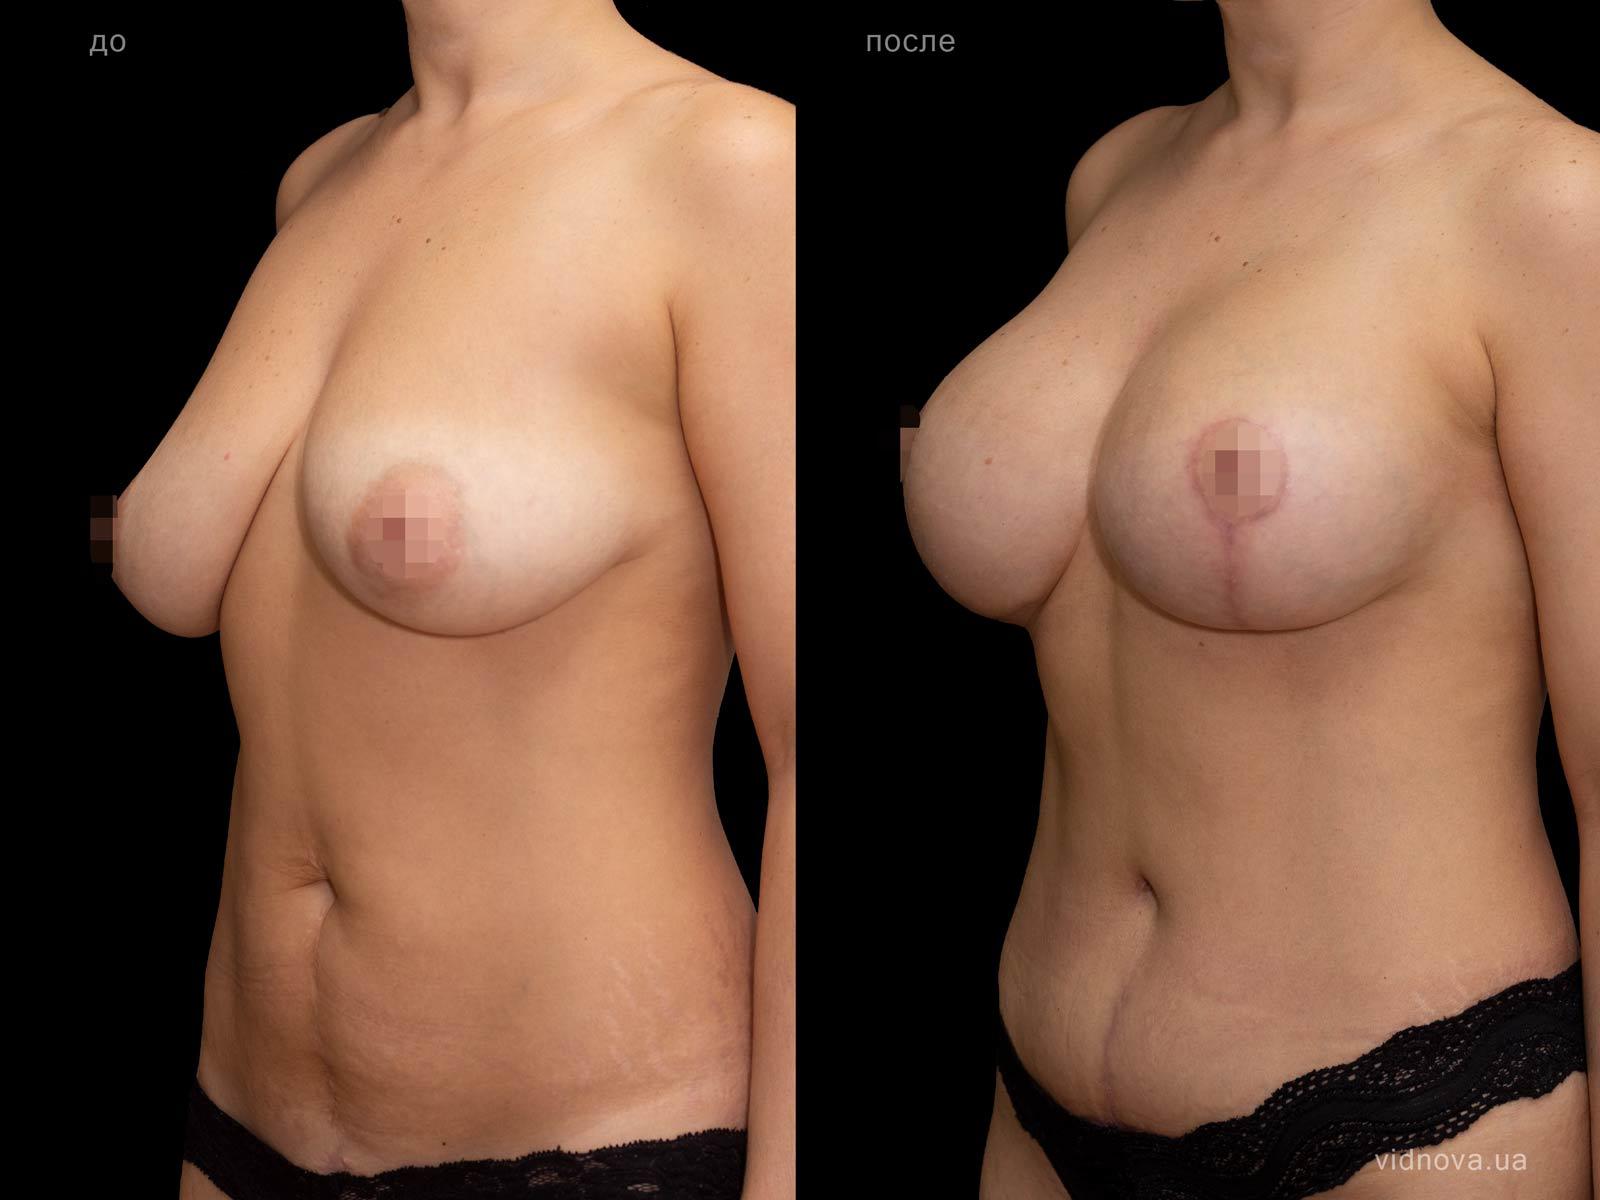 Пластика груди: результаты до и после - Пример №88-2 - Светлана Работенко